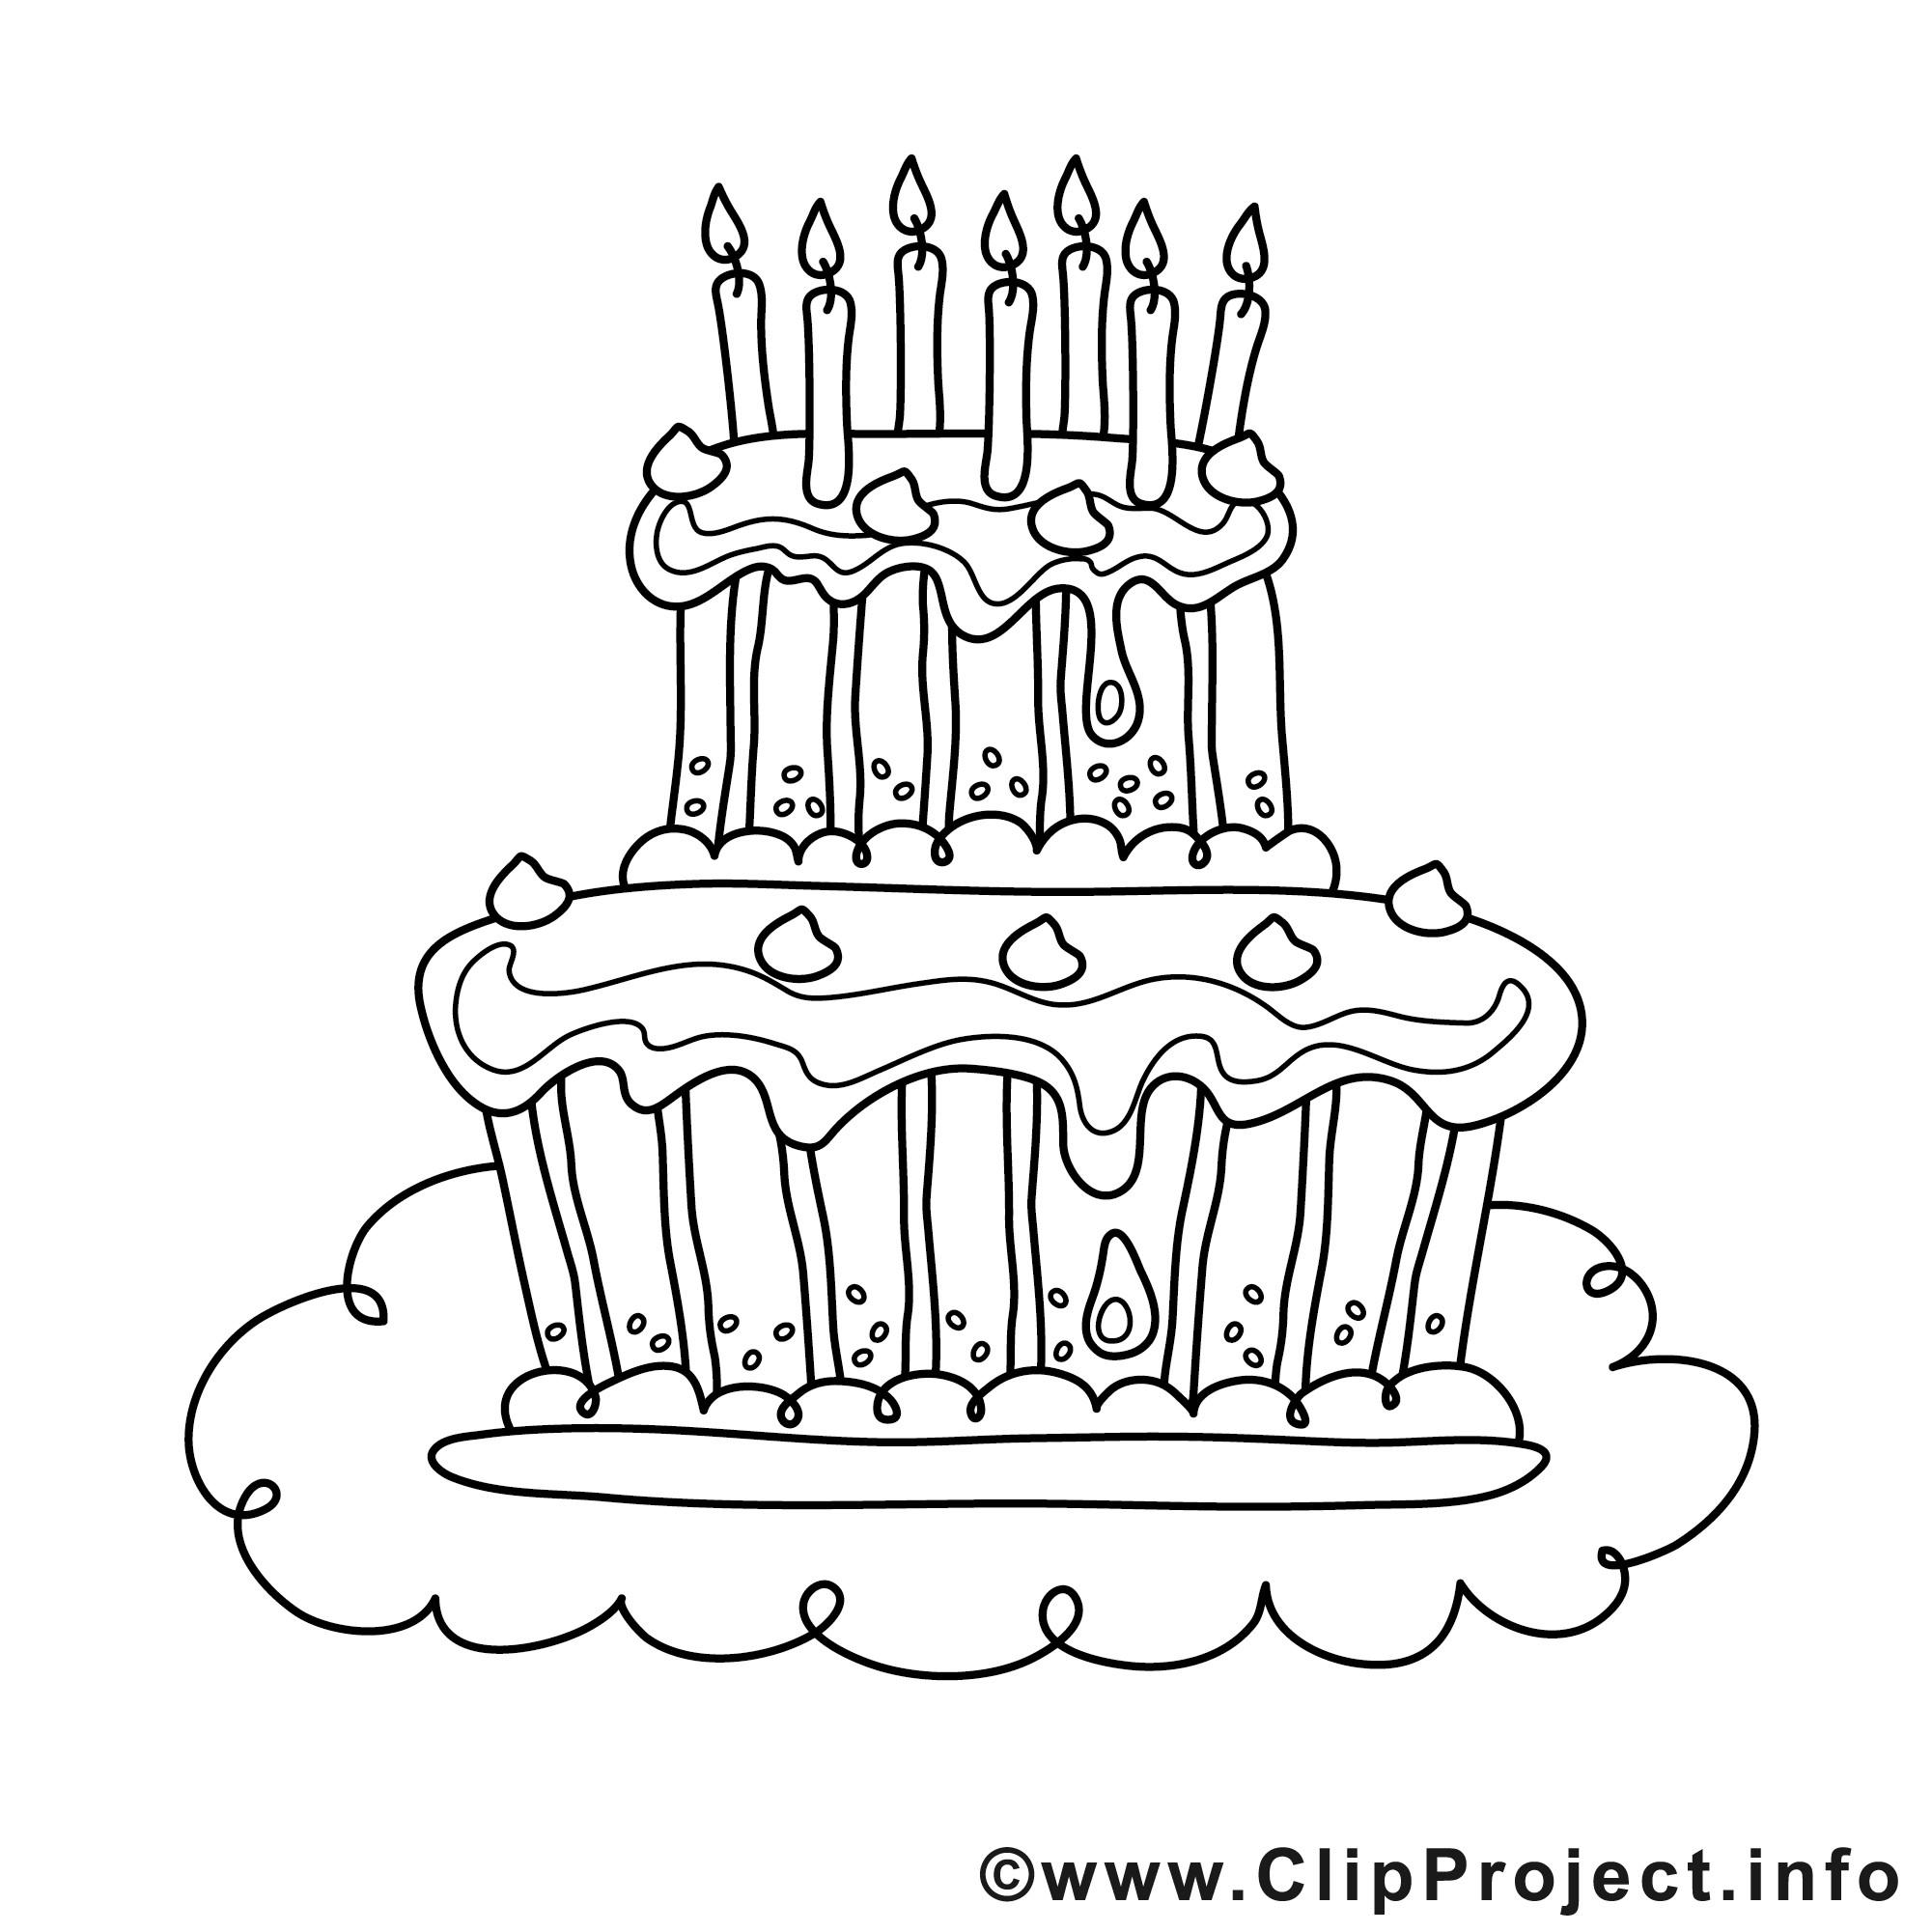 Geburtstagstorte Ausmalbild  Ausmalbilder kuchen kostenlos Malvorlagen zum ausdrucken